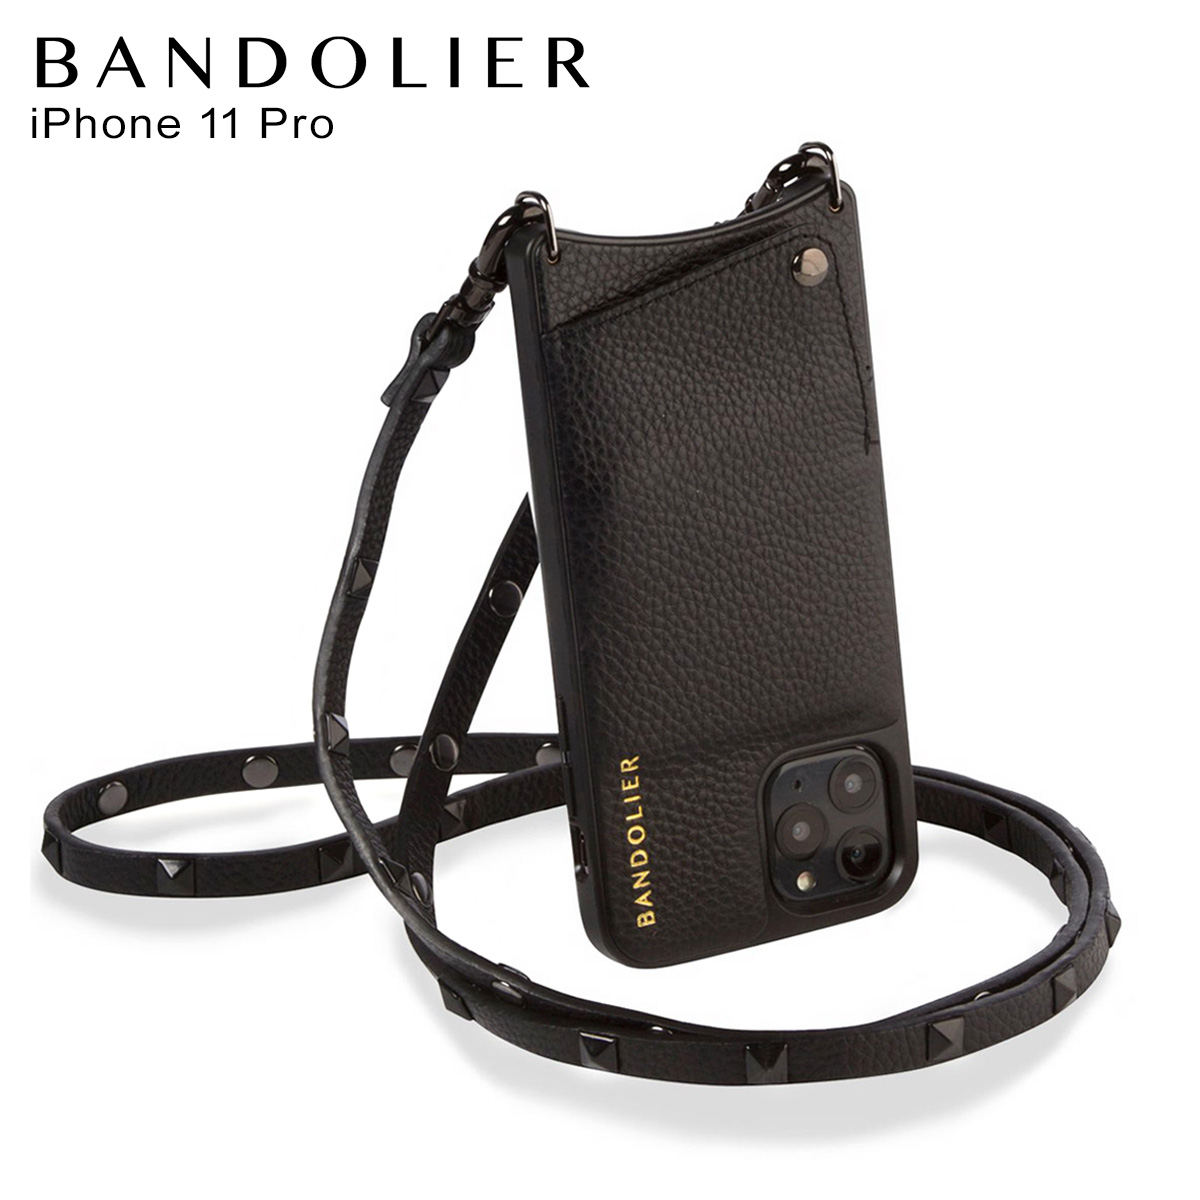 BANDOLIER SARAH BLACK バンドリヤー サラ ブラック iPhone11 Pro ケース スマホ 携帯 ショルダー アイフォン メンズ レディース ブラック 黒 2300